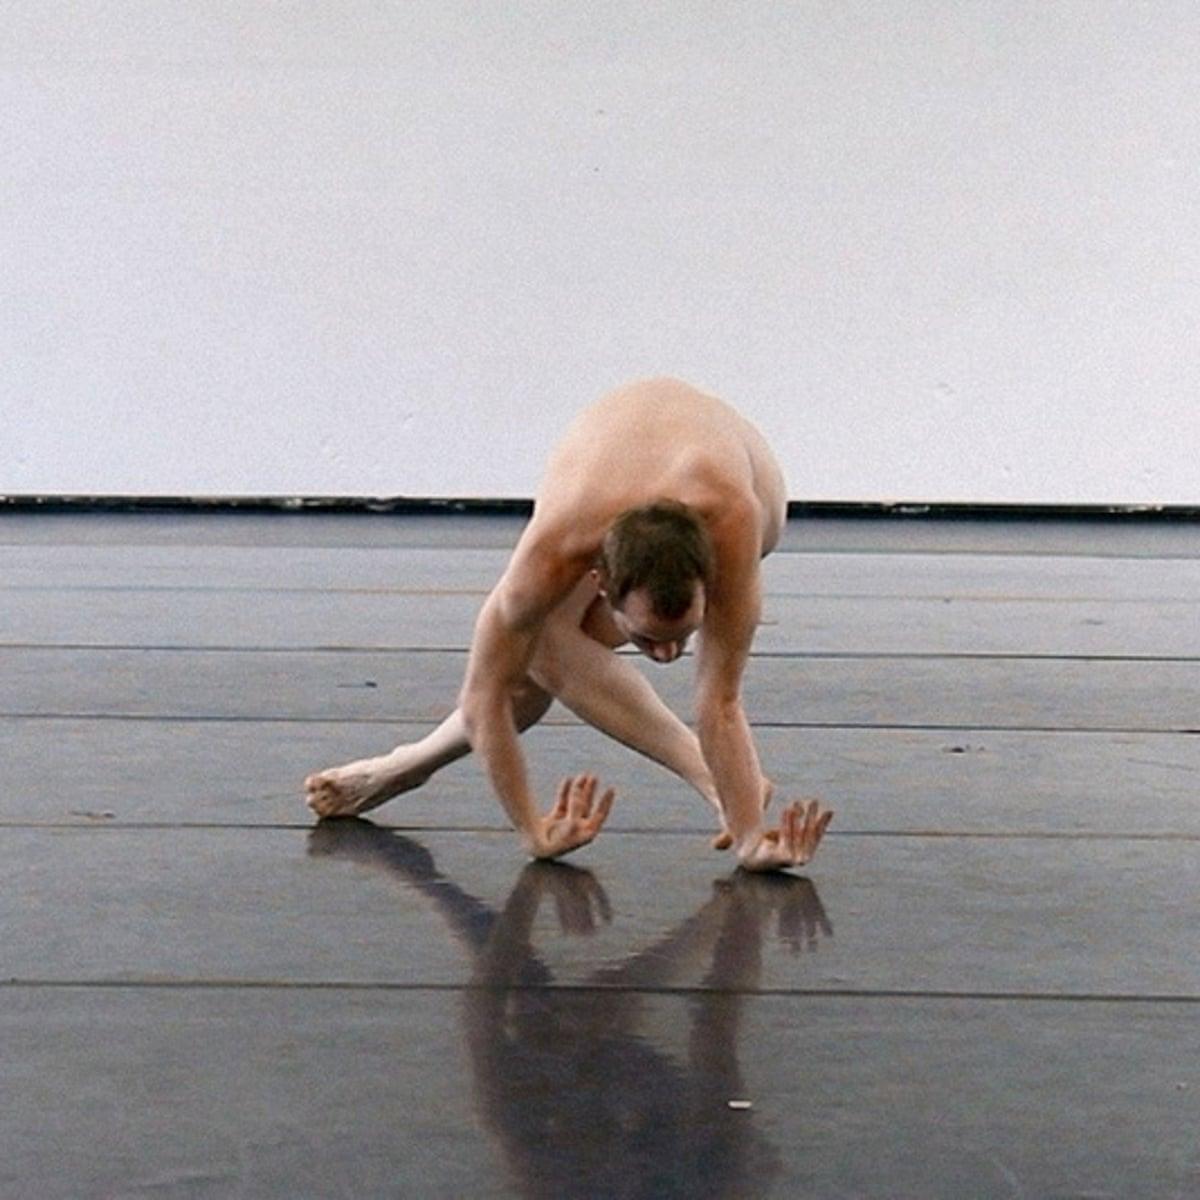 Nudist vimeo Category:Nude sunbathing